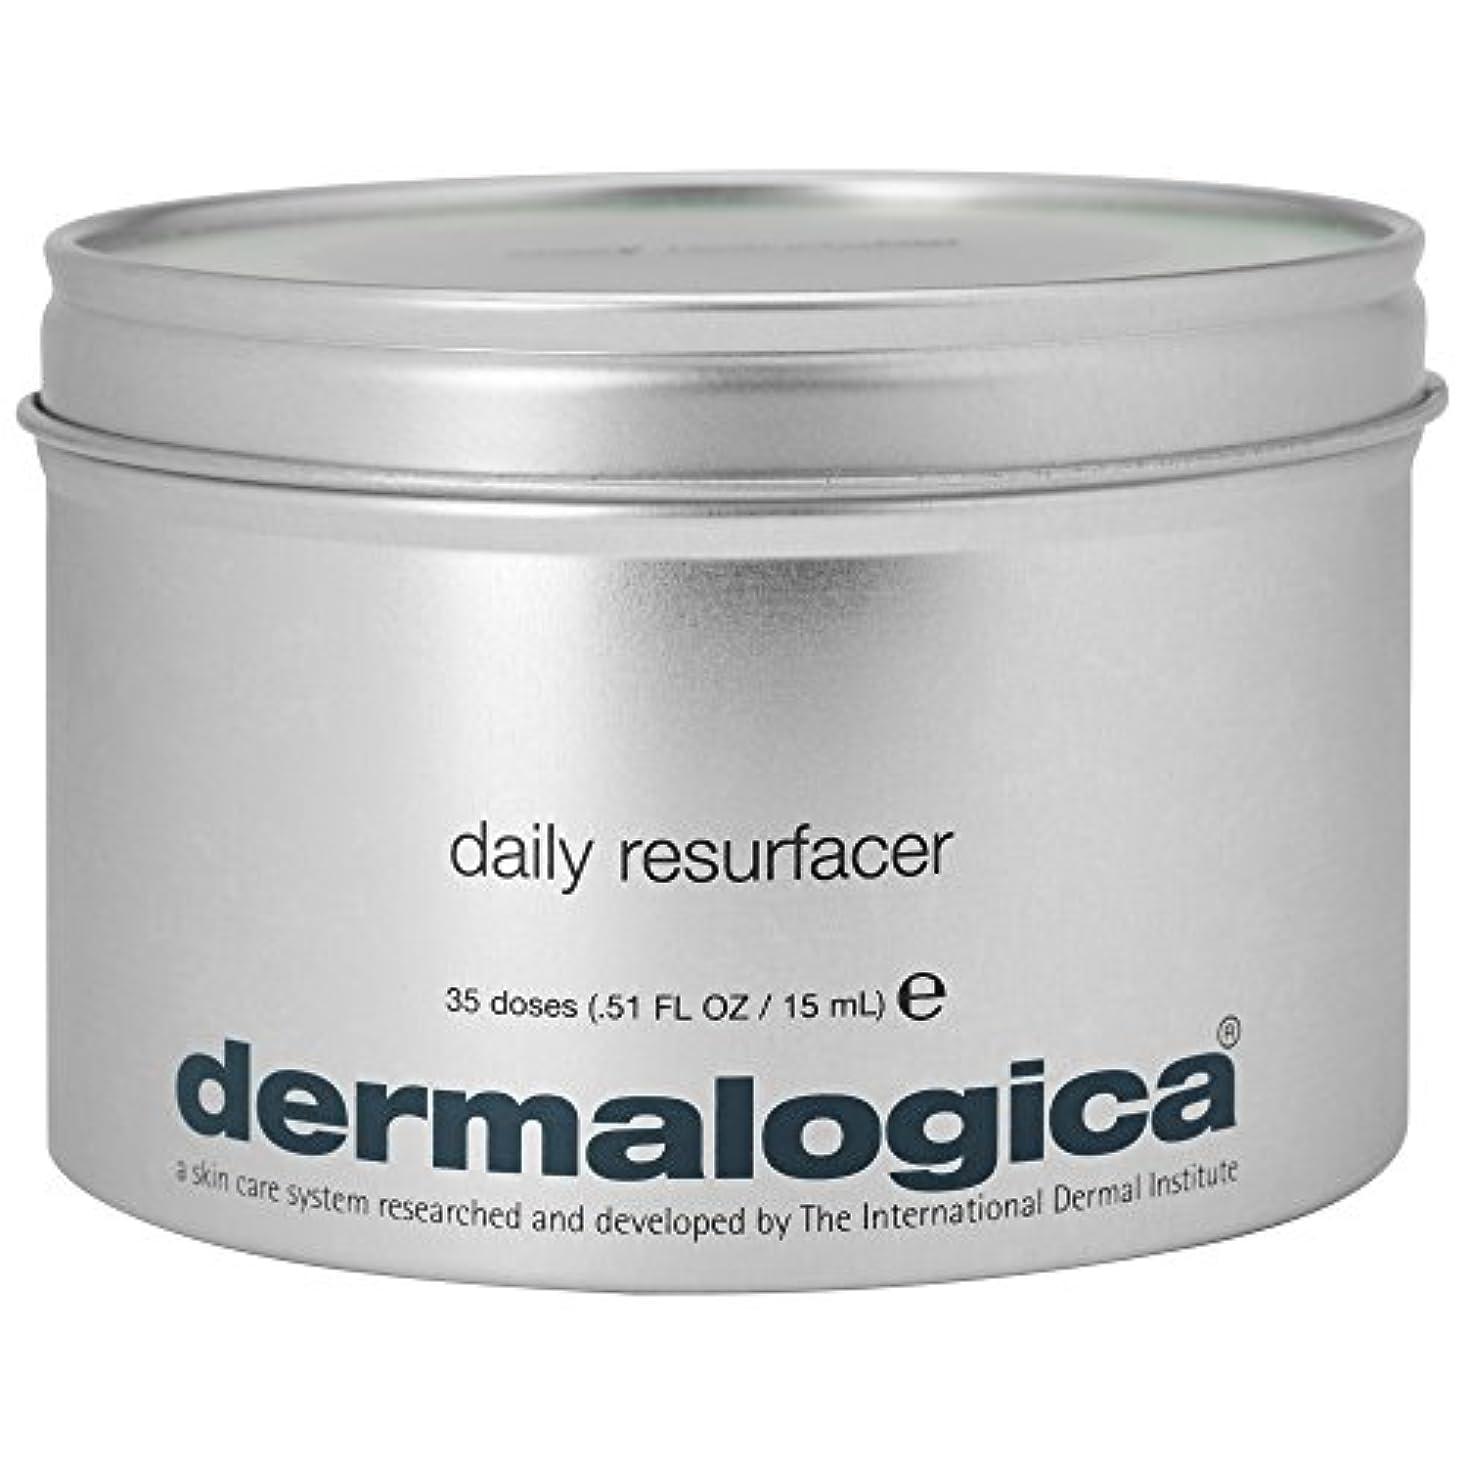 羽たくさん計算する35のダーマロジカ毎日Resurfacerパック (Dermalogica) (x2) - Dermalogica Daily Resurfacer Pack of 35 (Pack of 2) [並行輸入品]